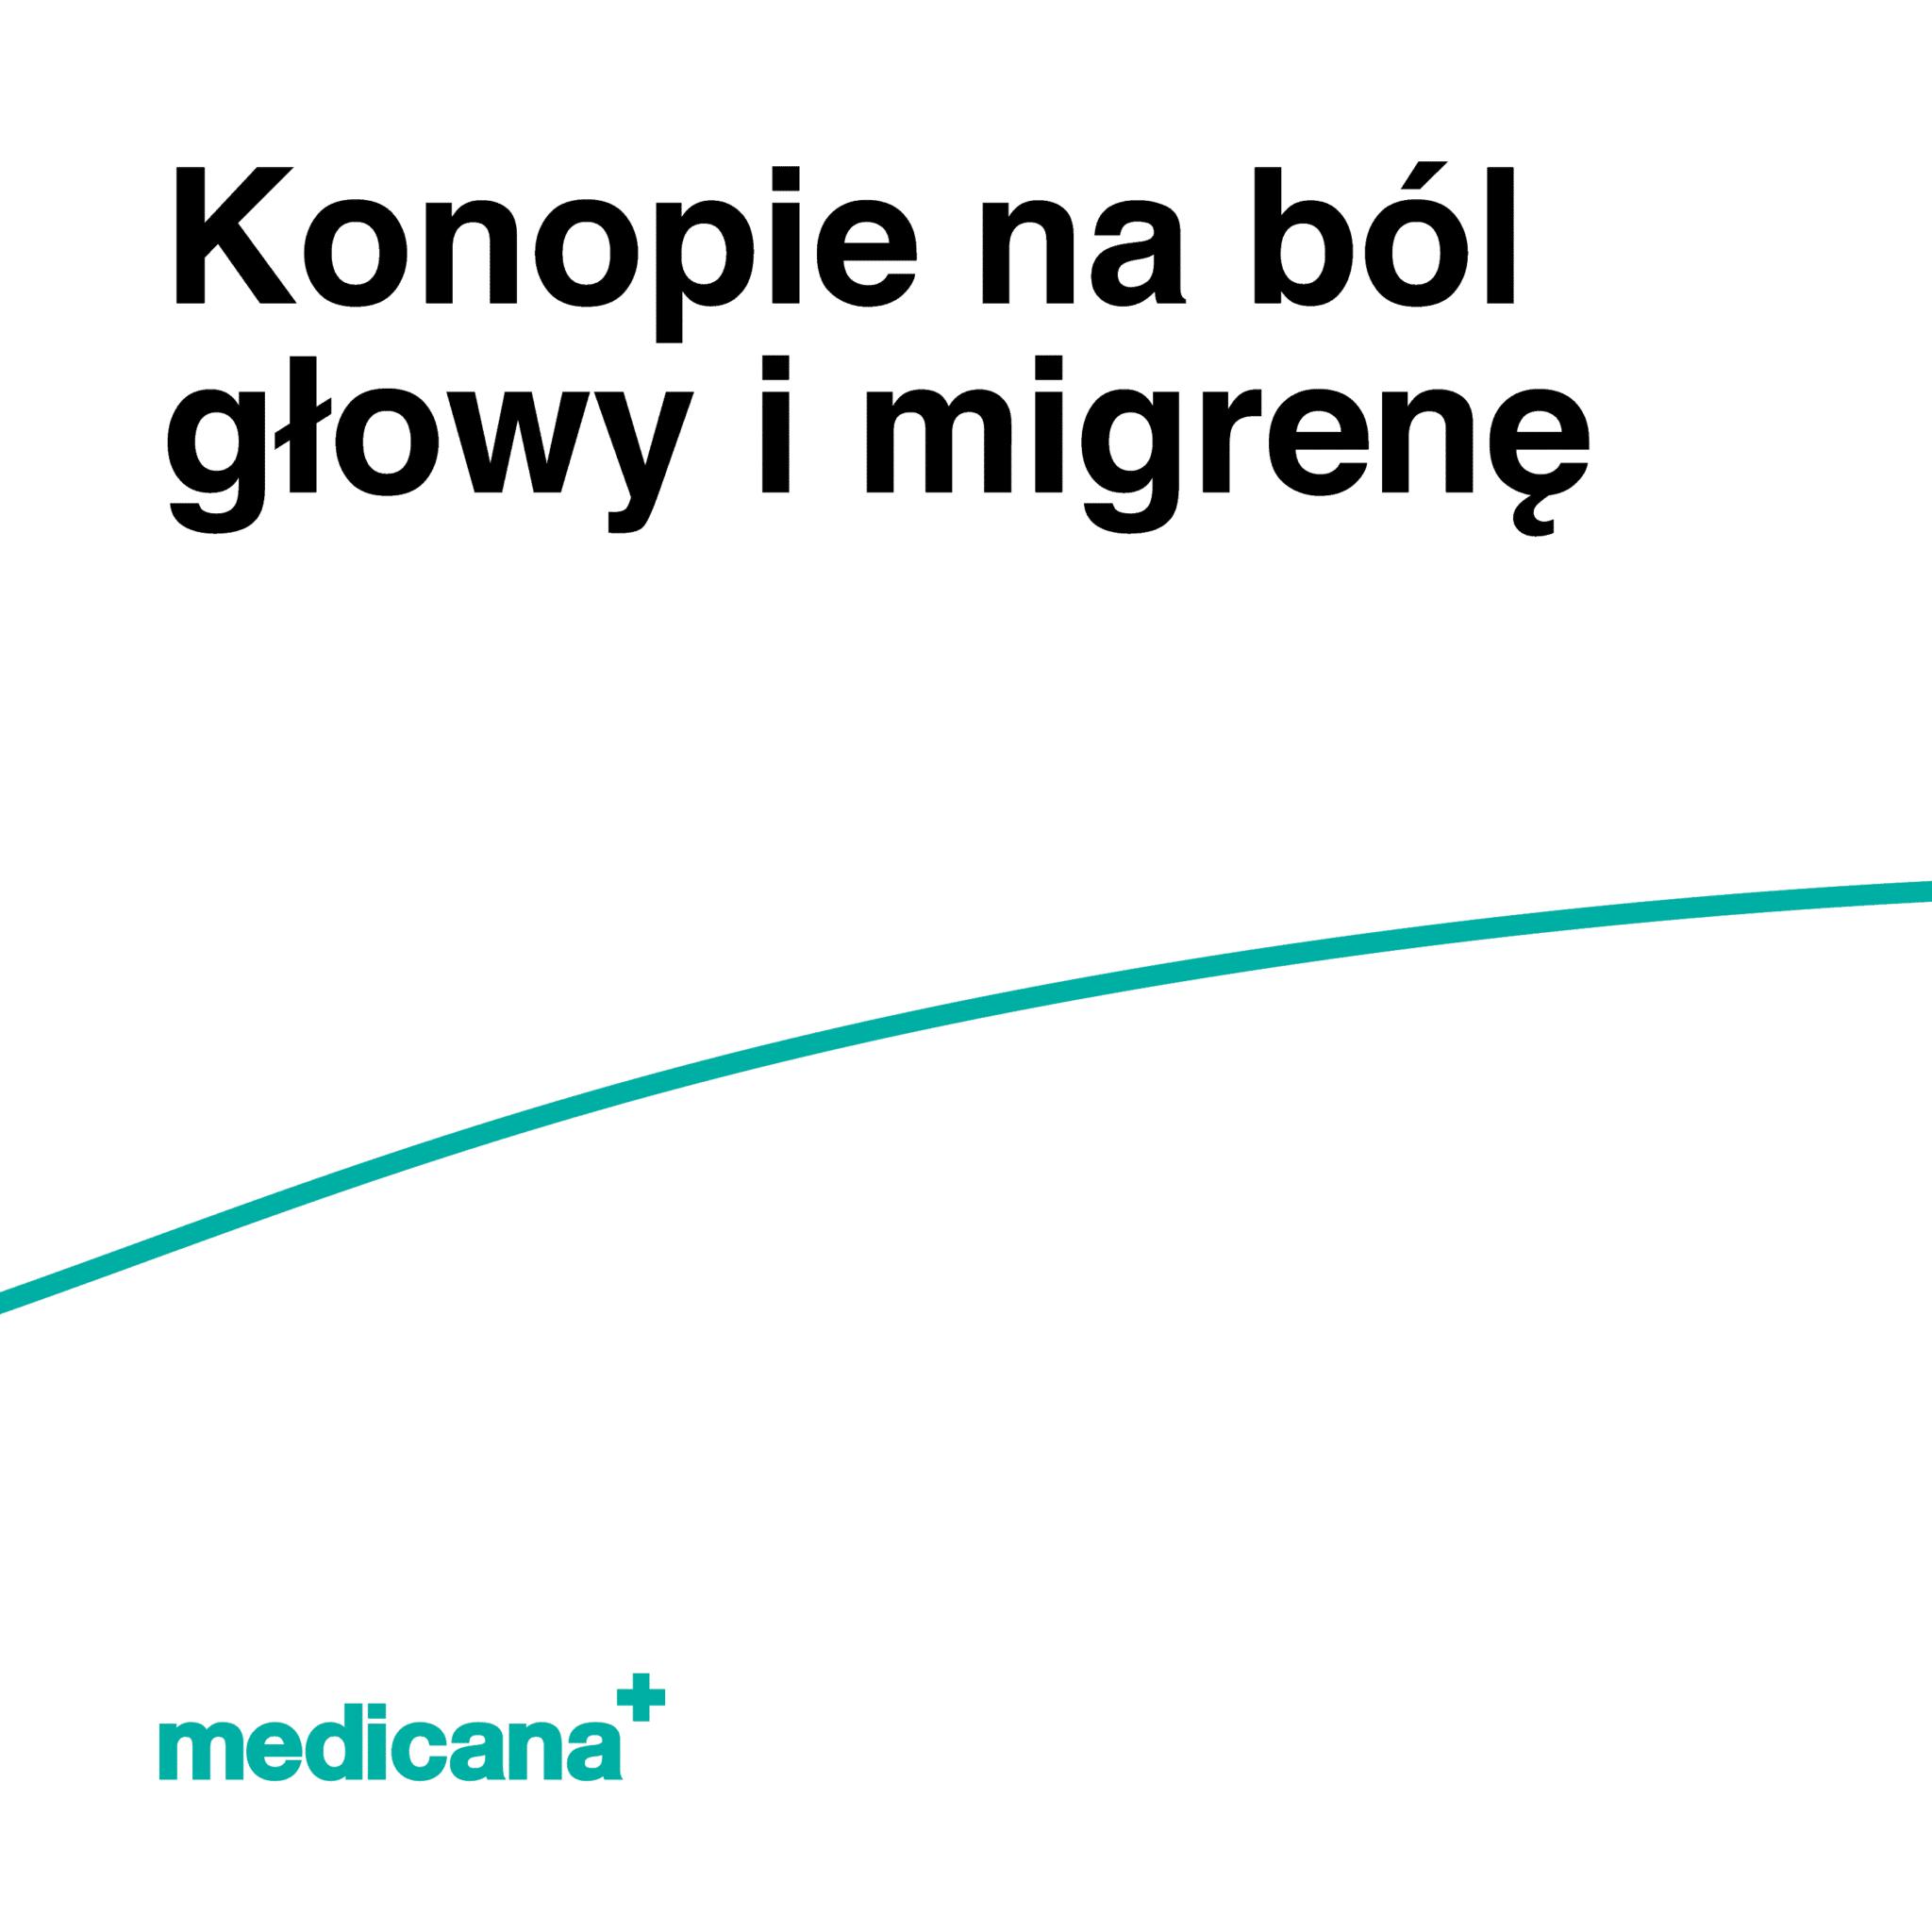 Grafika, białe tło z zieloną linią, czarnym napisem Konopie na ból głowy i migrenę oraz zielonym logo Medicana w lewym dolnym rogu.